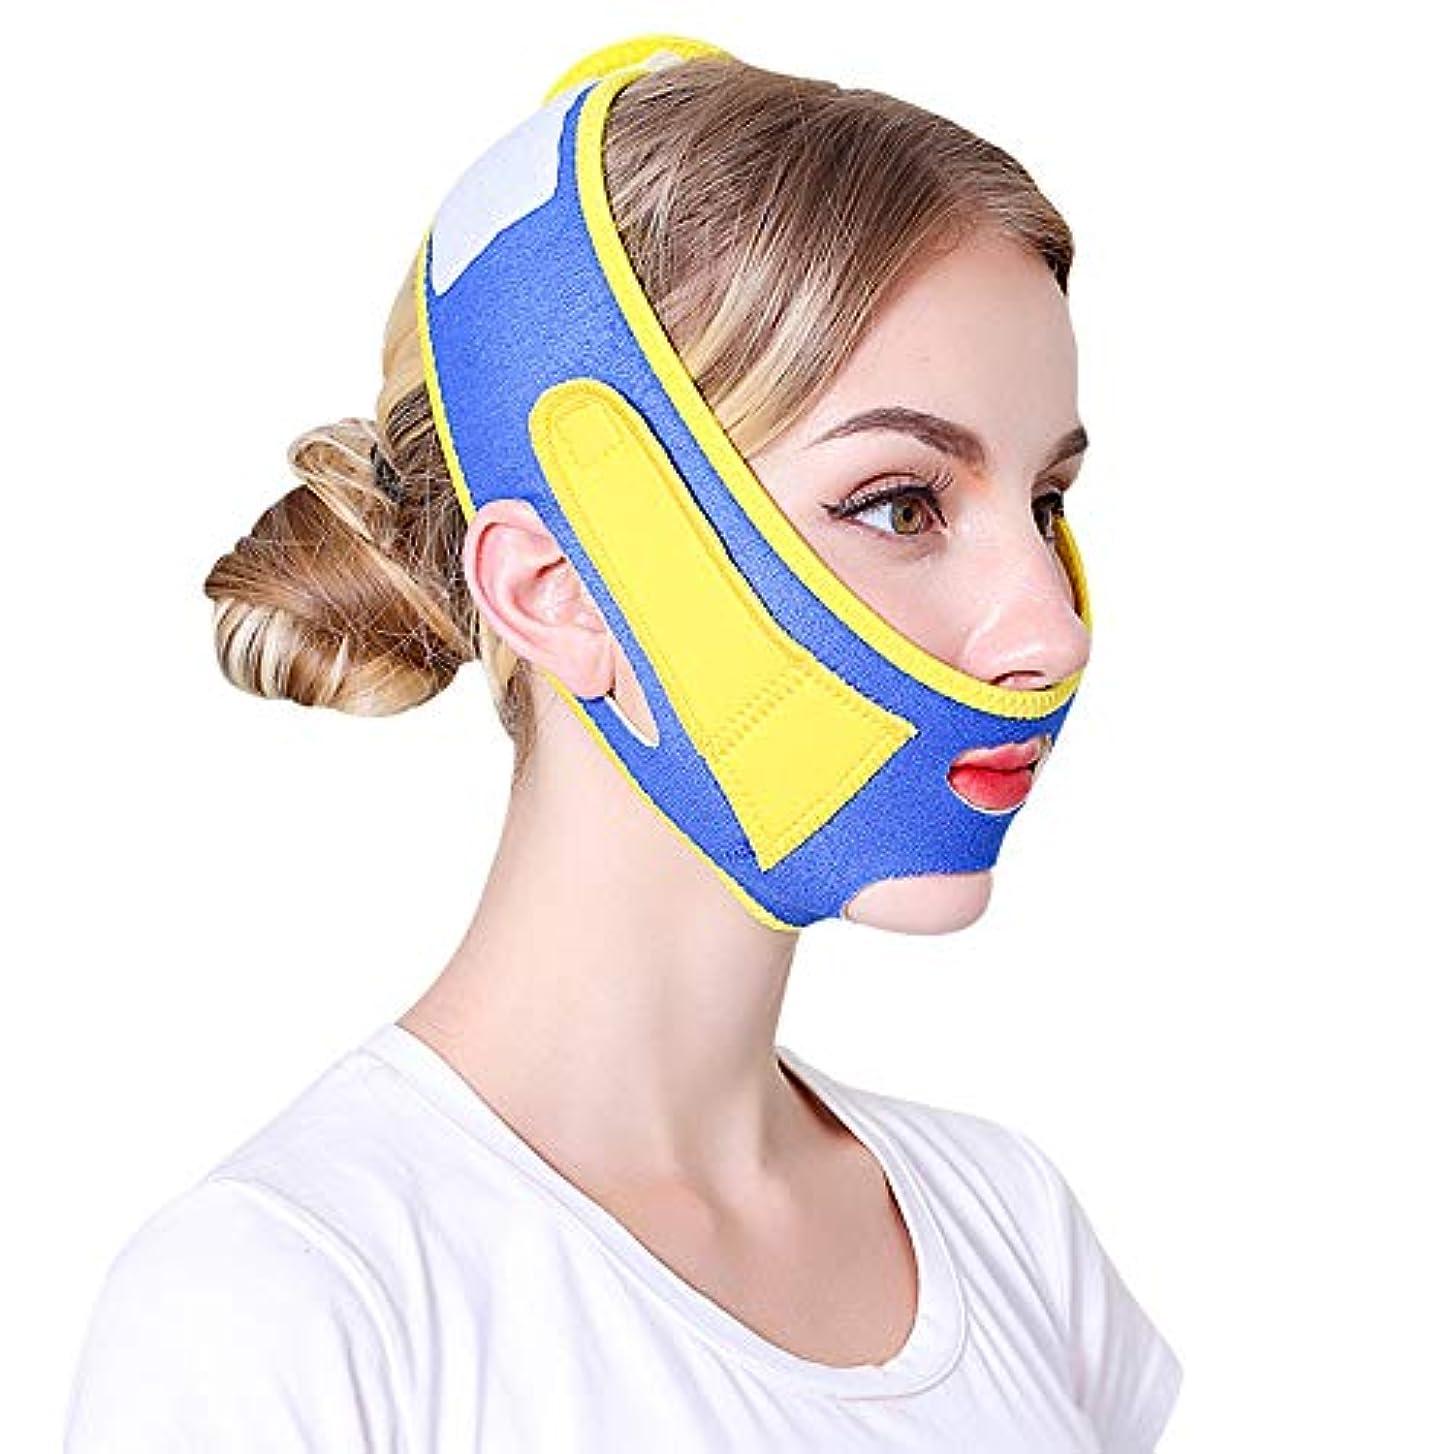 コショウ圧縮機密Kozzim小顔 矯正 ベルト リフトアップ 顔痩せ グッズ フェイスマスク メンズ レディース (青K1)